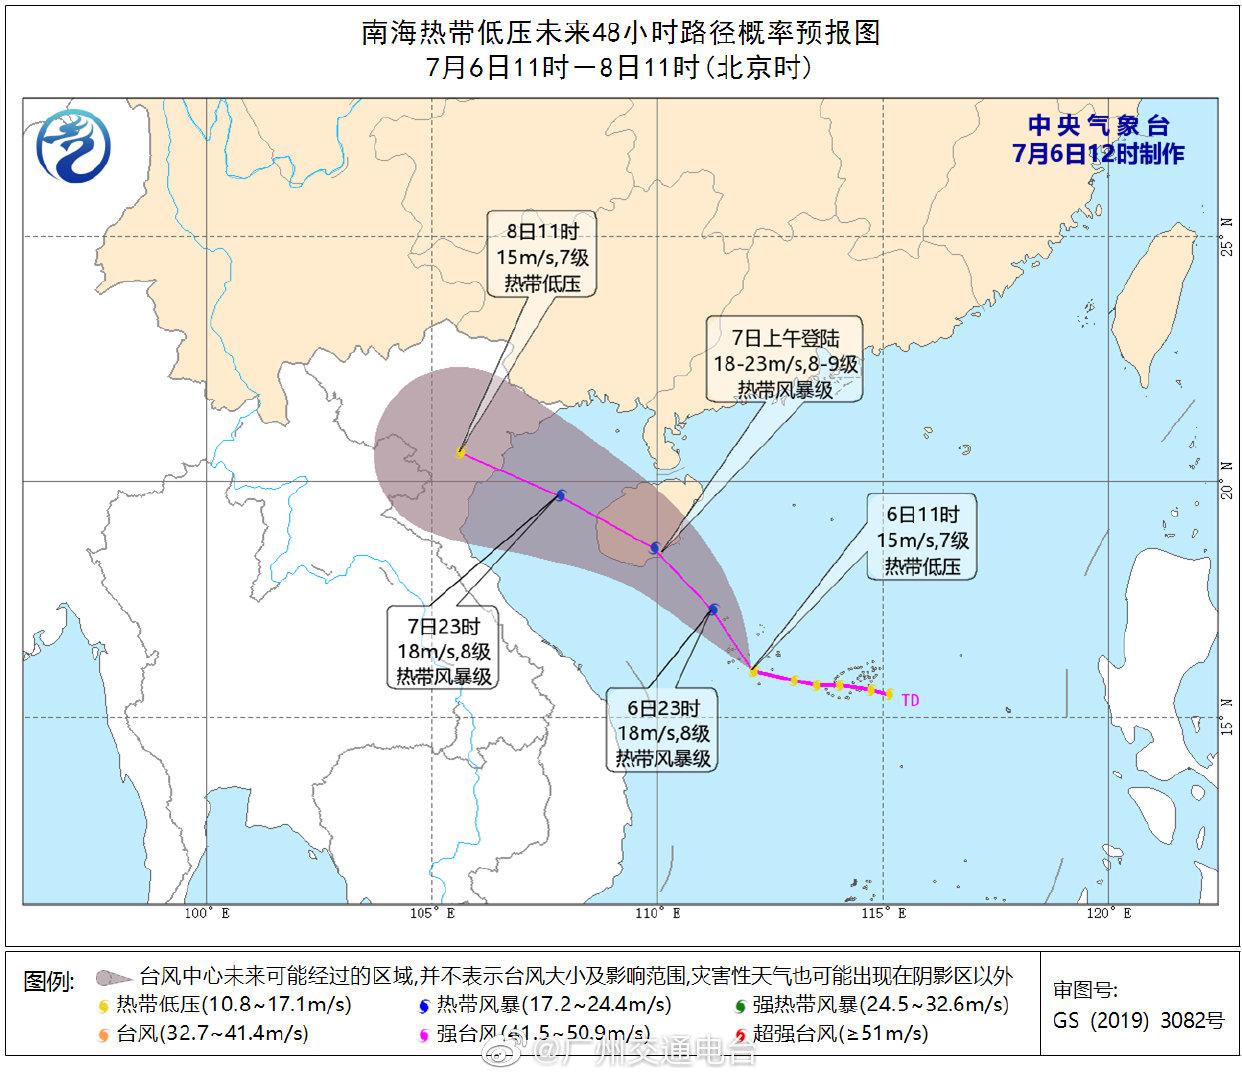 受熱帶低壓影響 瓊州海峽停航